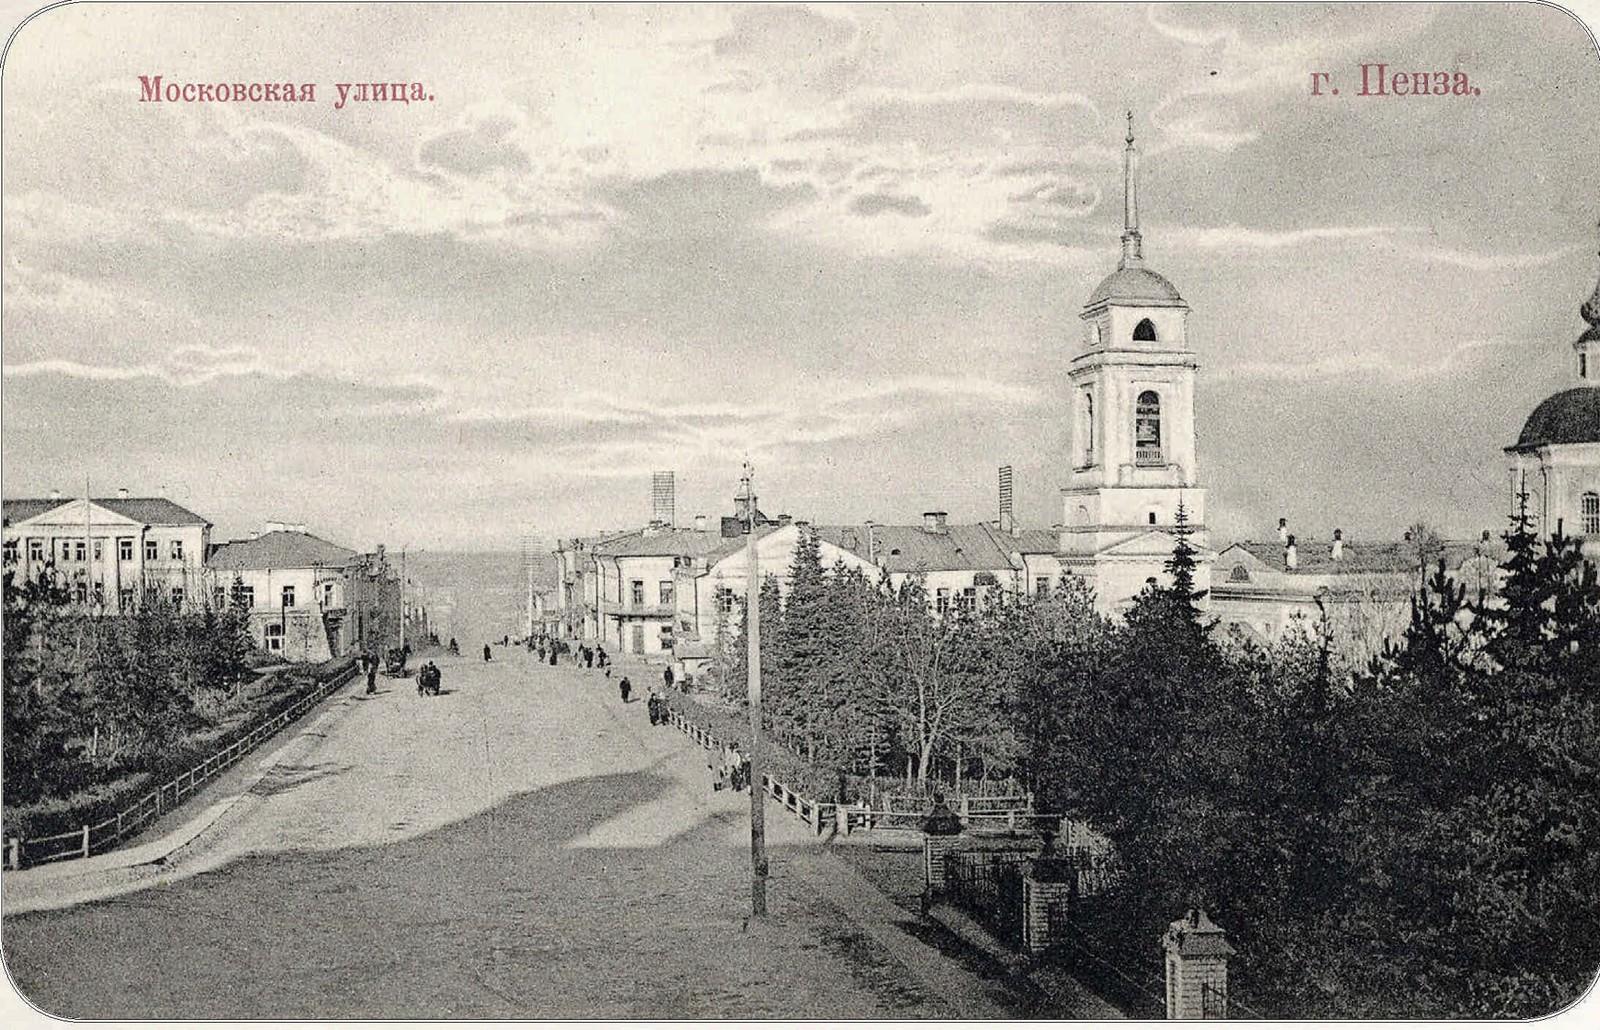 06. Вид от собора на Московскую улицу